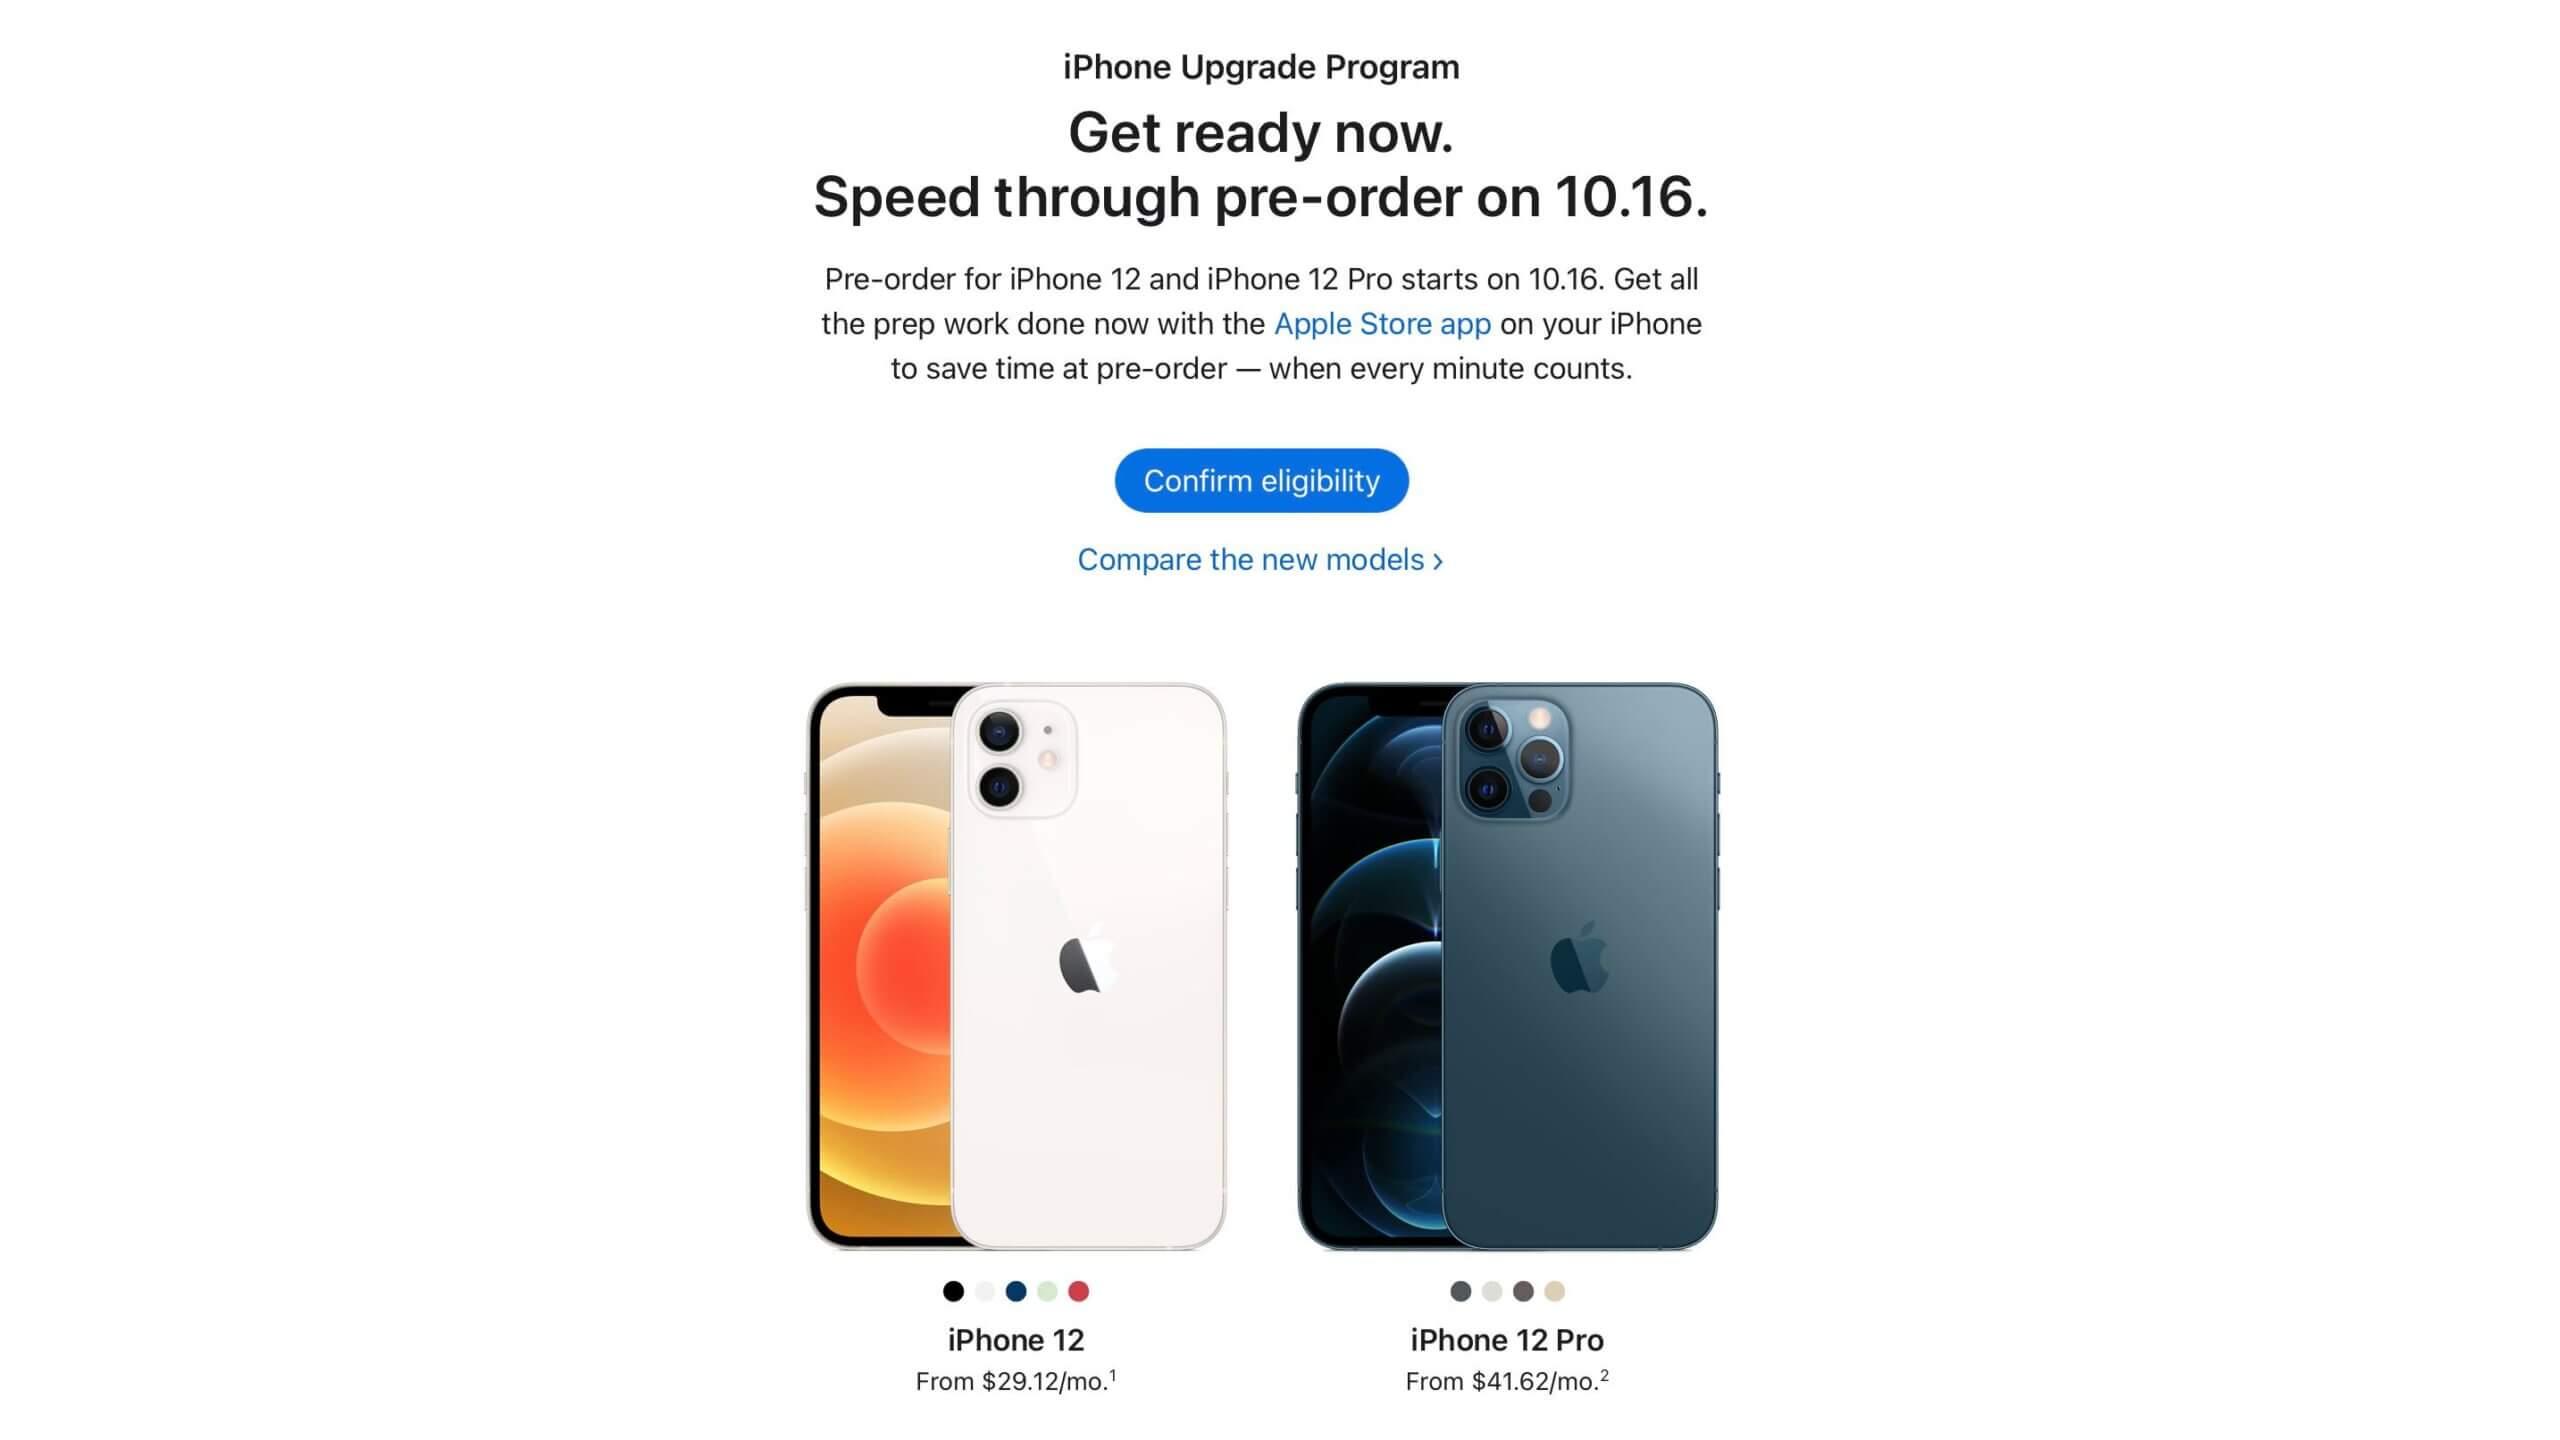 Apple начинает предлагать предварительное одобрение программы обновления iPhone перед выпуском iPhone 12